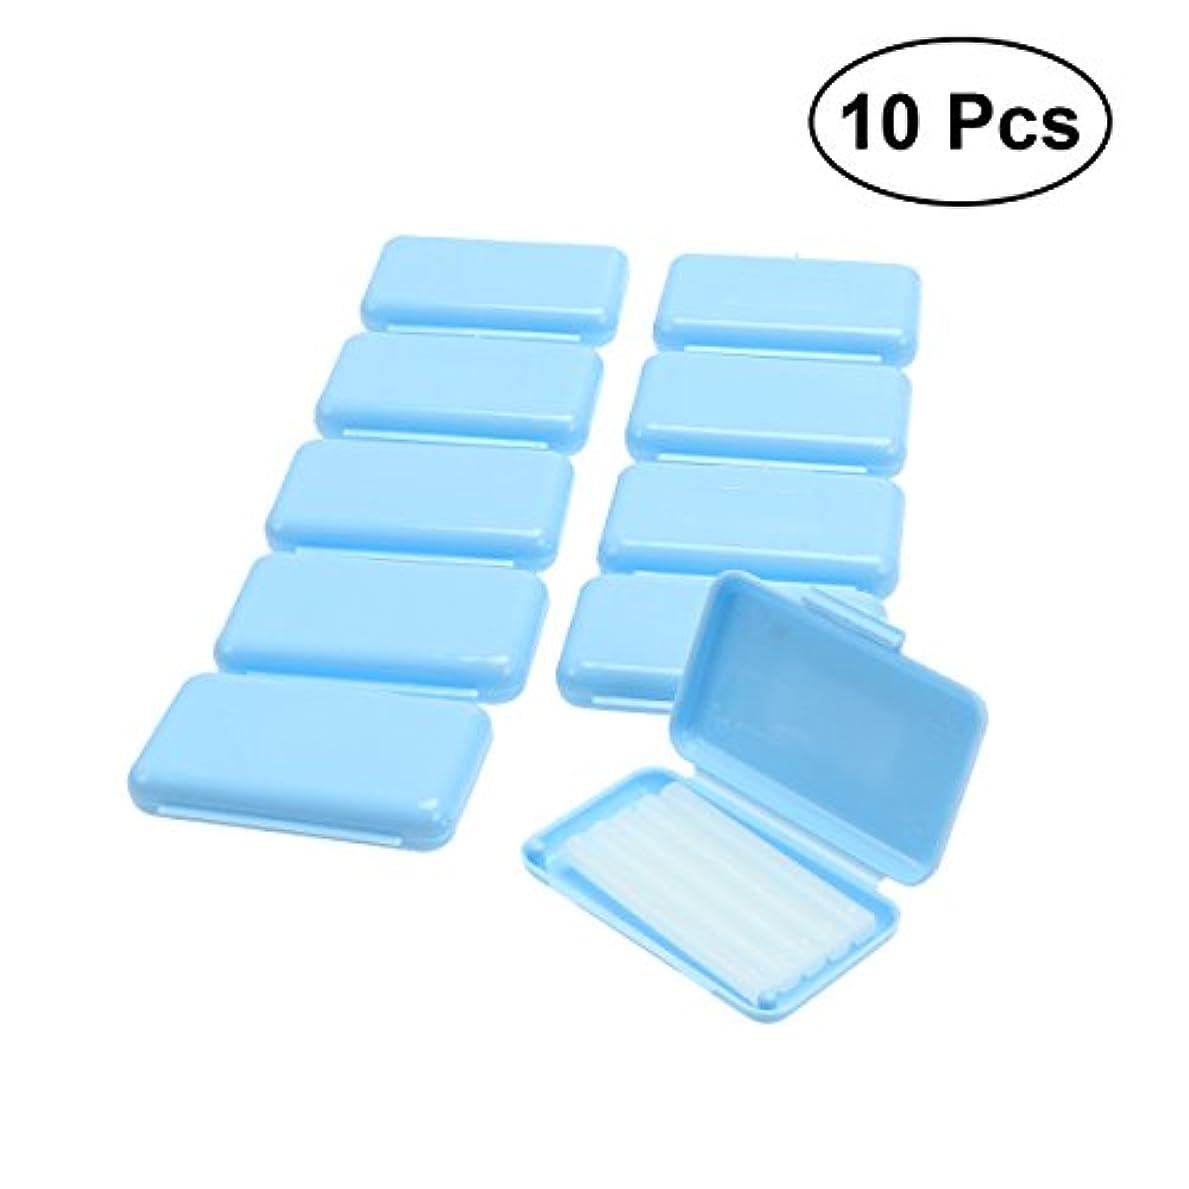 インフラ保安タイルSUPVOX 10PCS歯列矯正用矯正ワックス(青色ミントフレーバー)